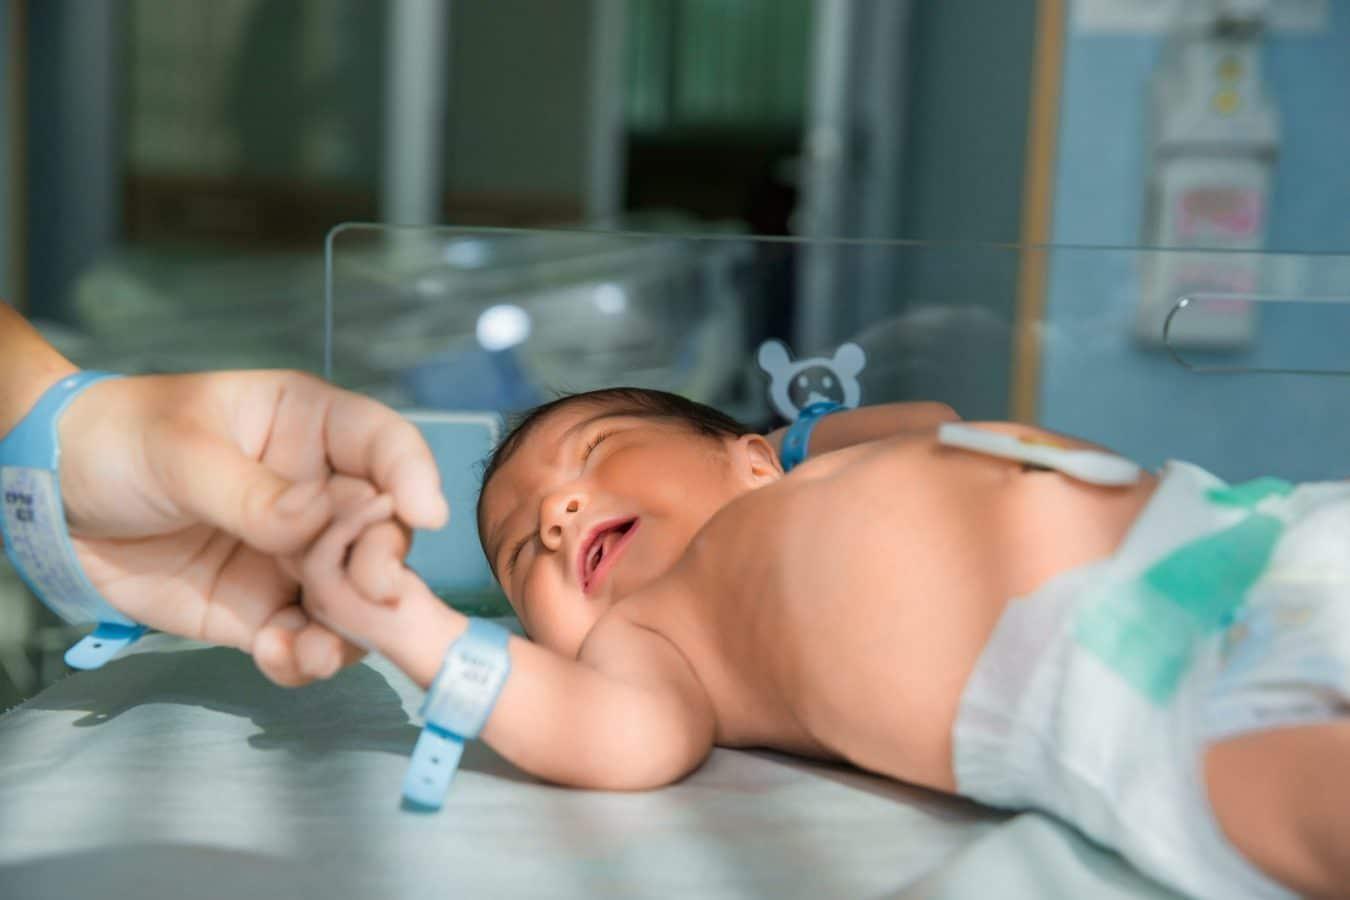 Em bé mới chào đời chính là trung tâm của vũ trụ